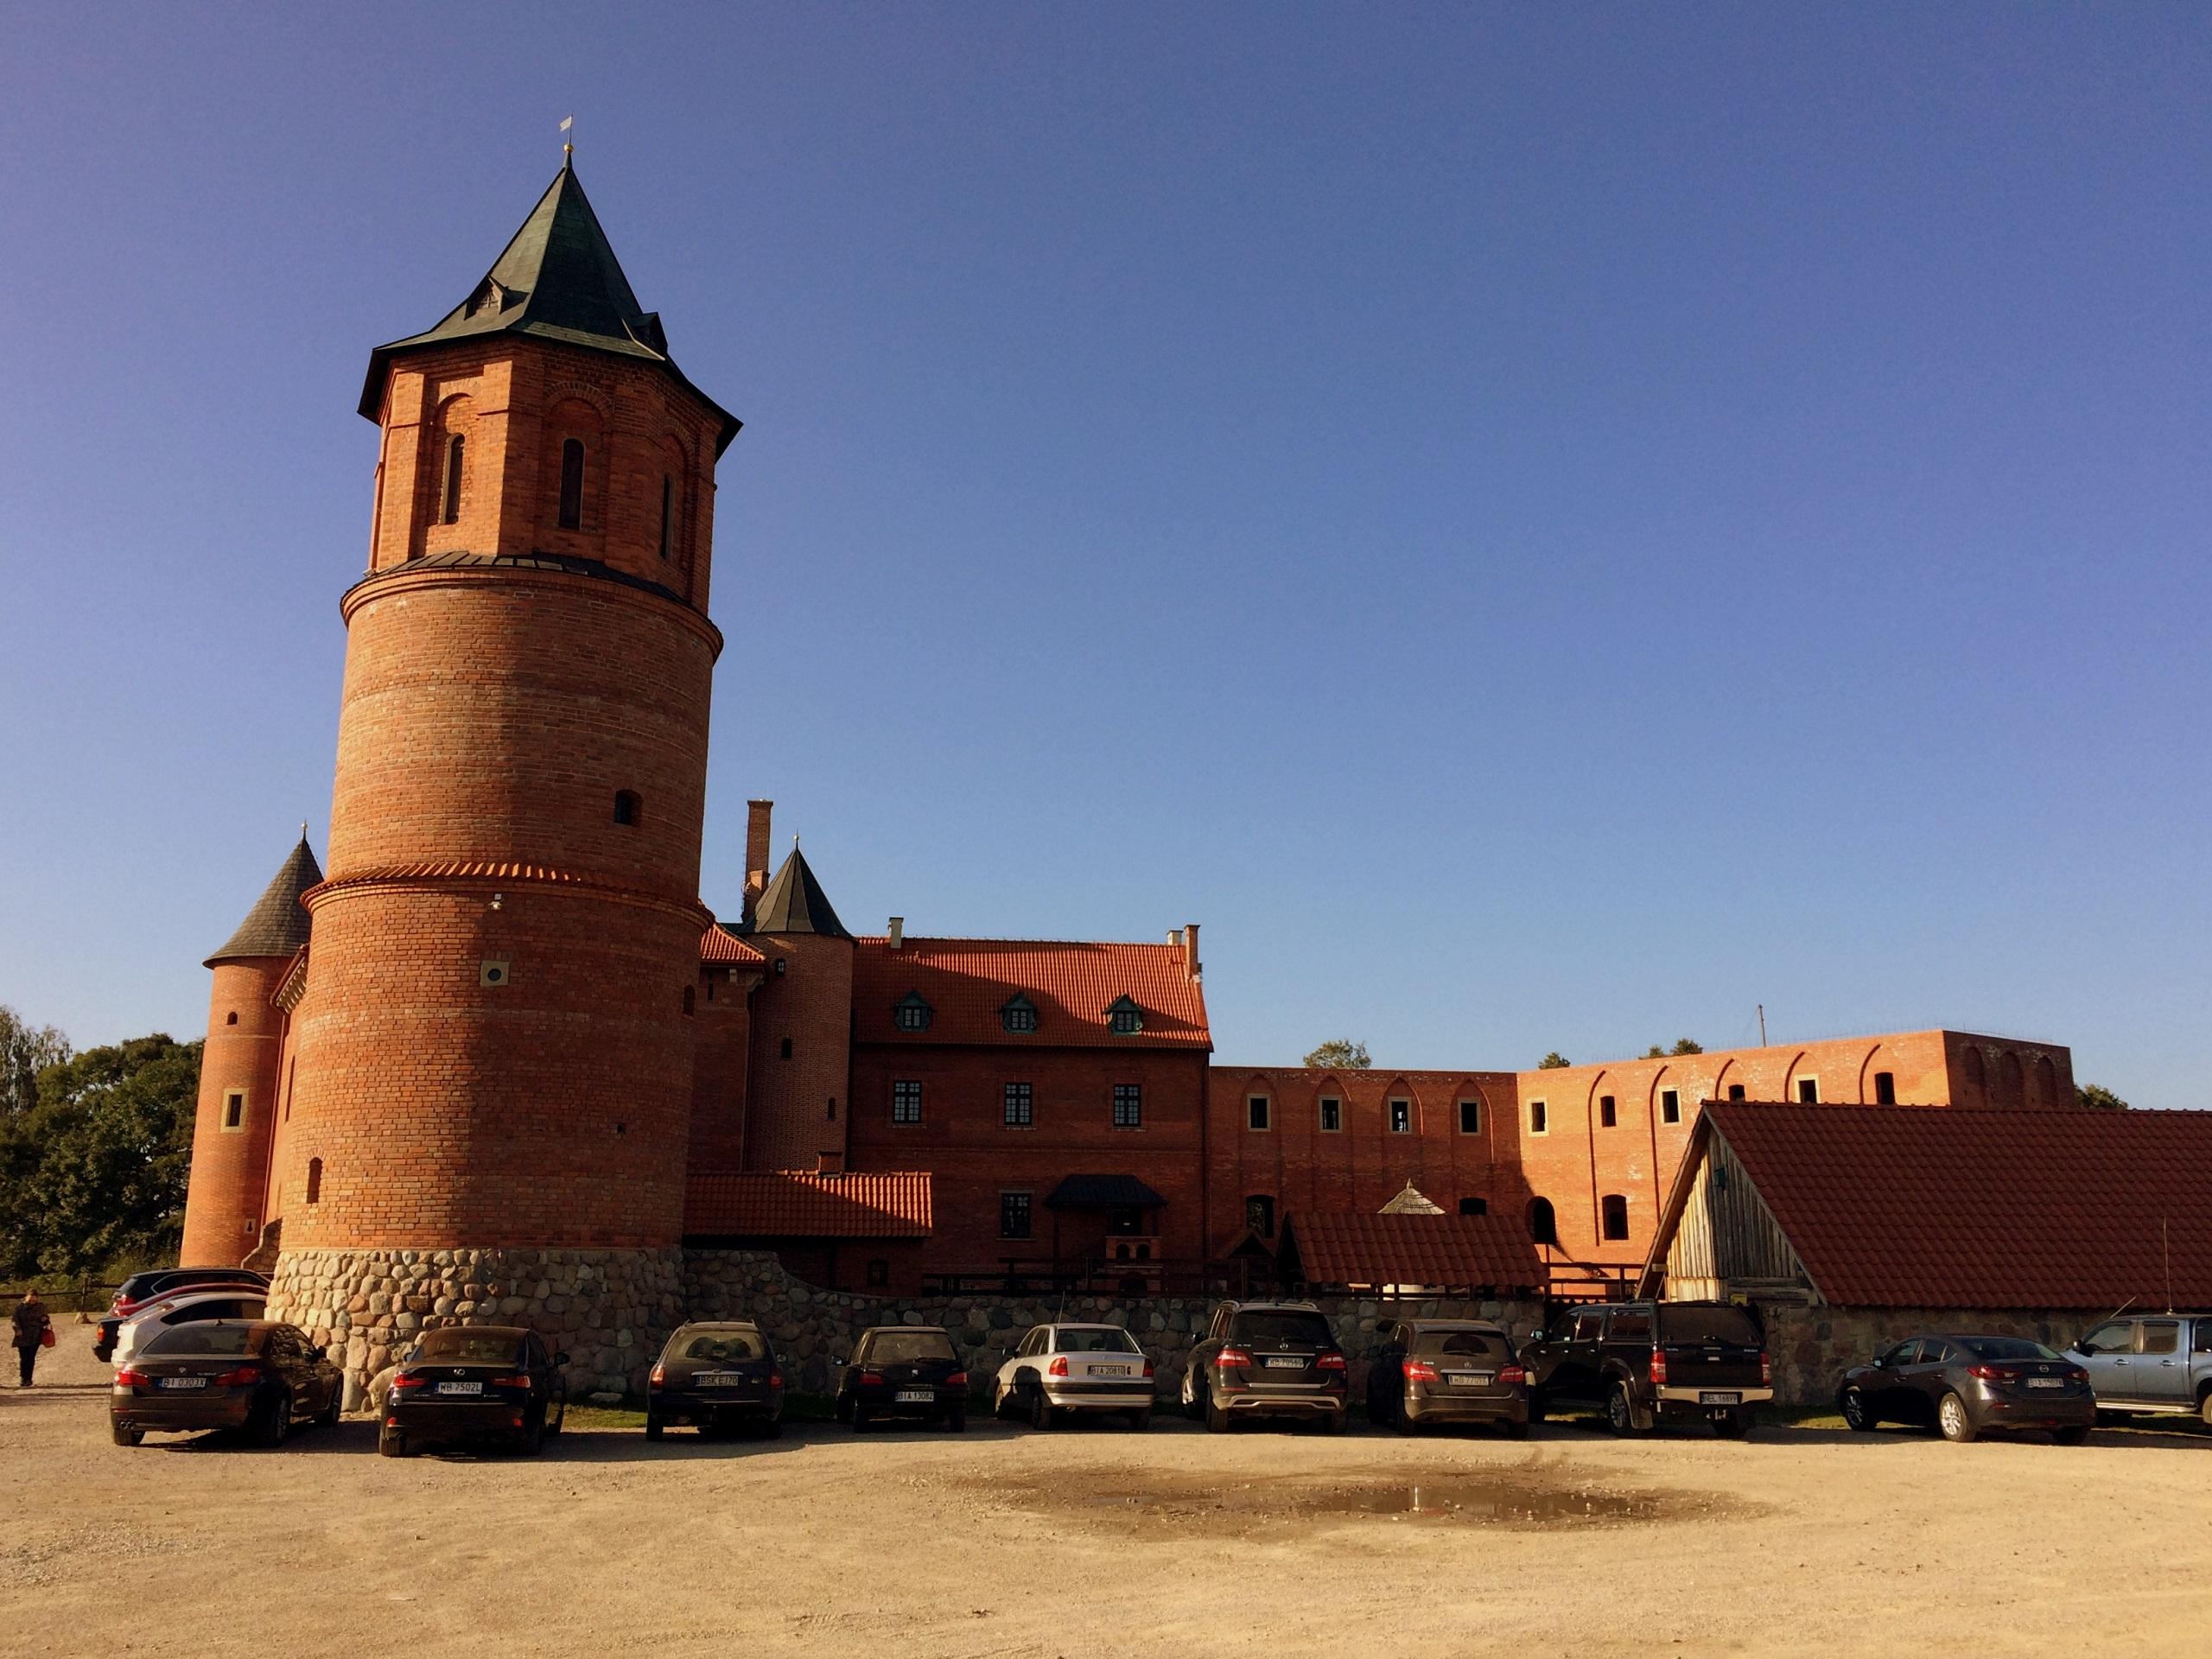 Zamek w Tykocinie, TOP 10 atrakcji Podlasia